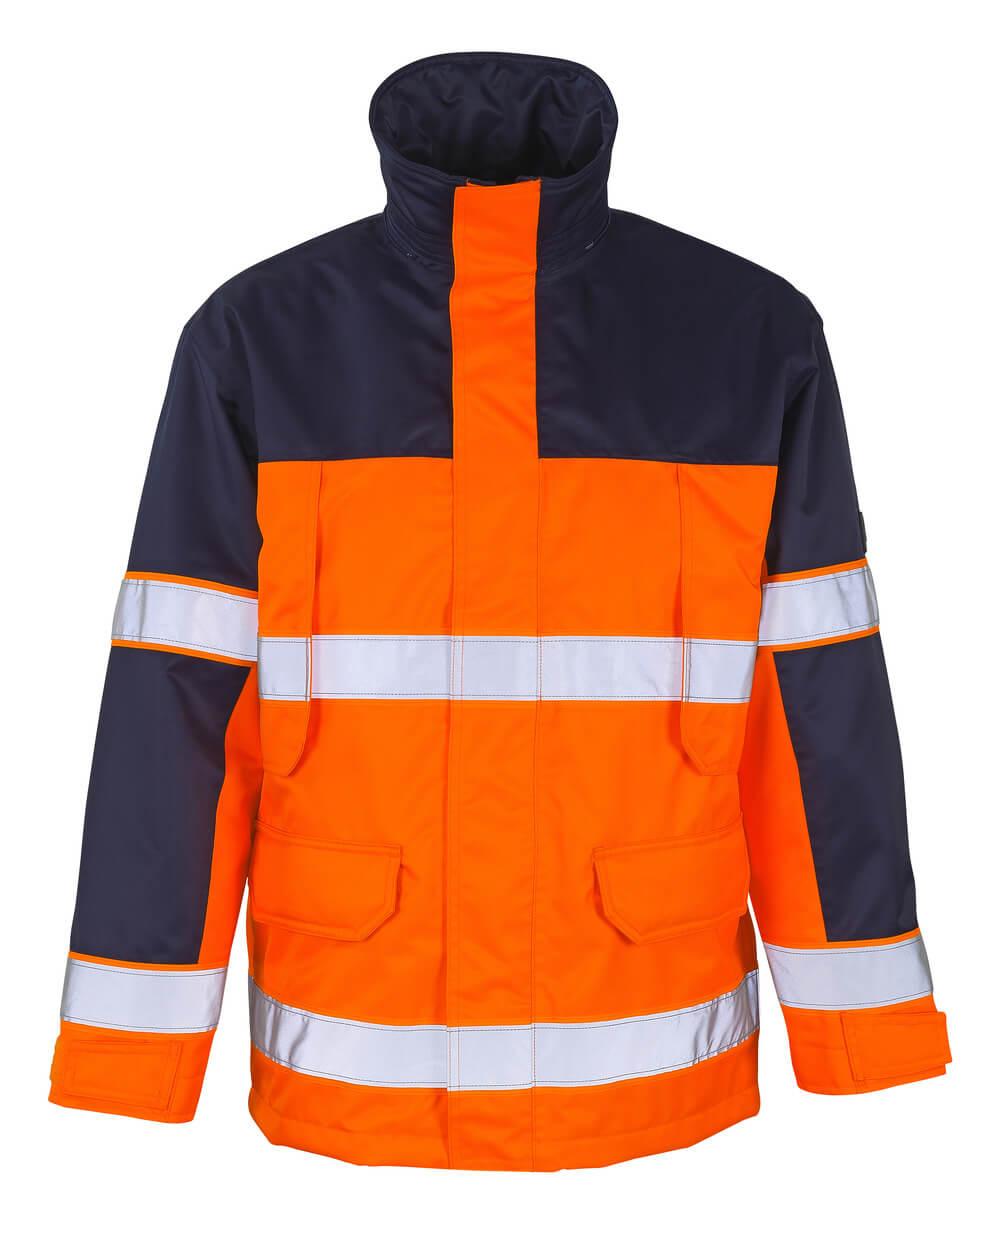 00930-880-141 Parka - hi-vis orange/marine